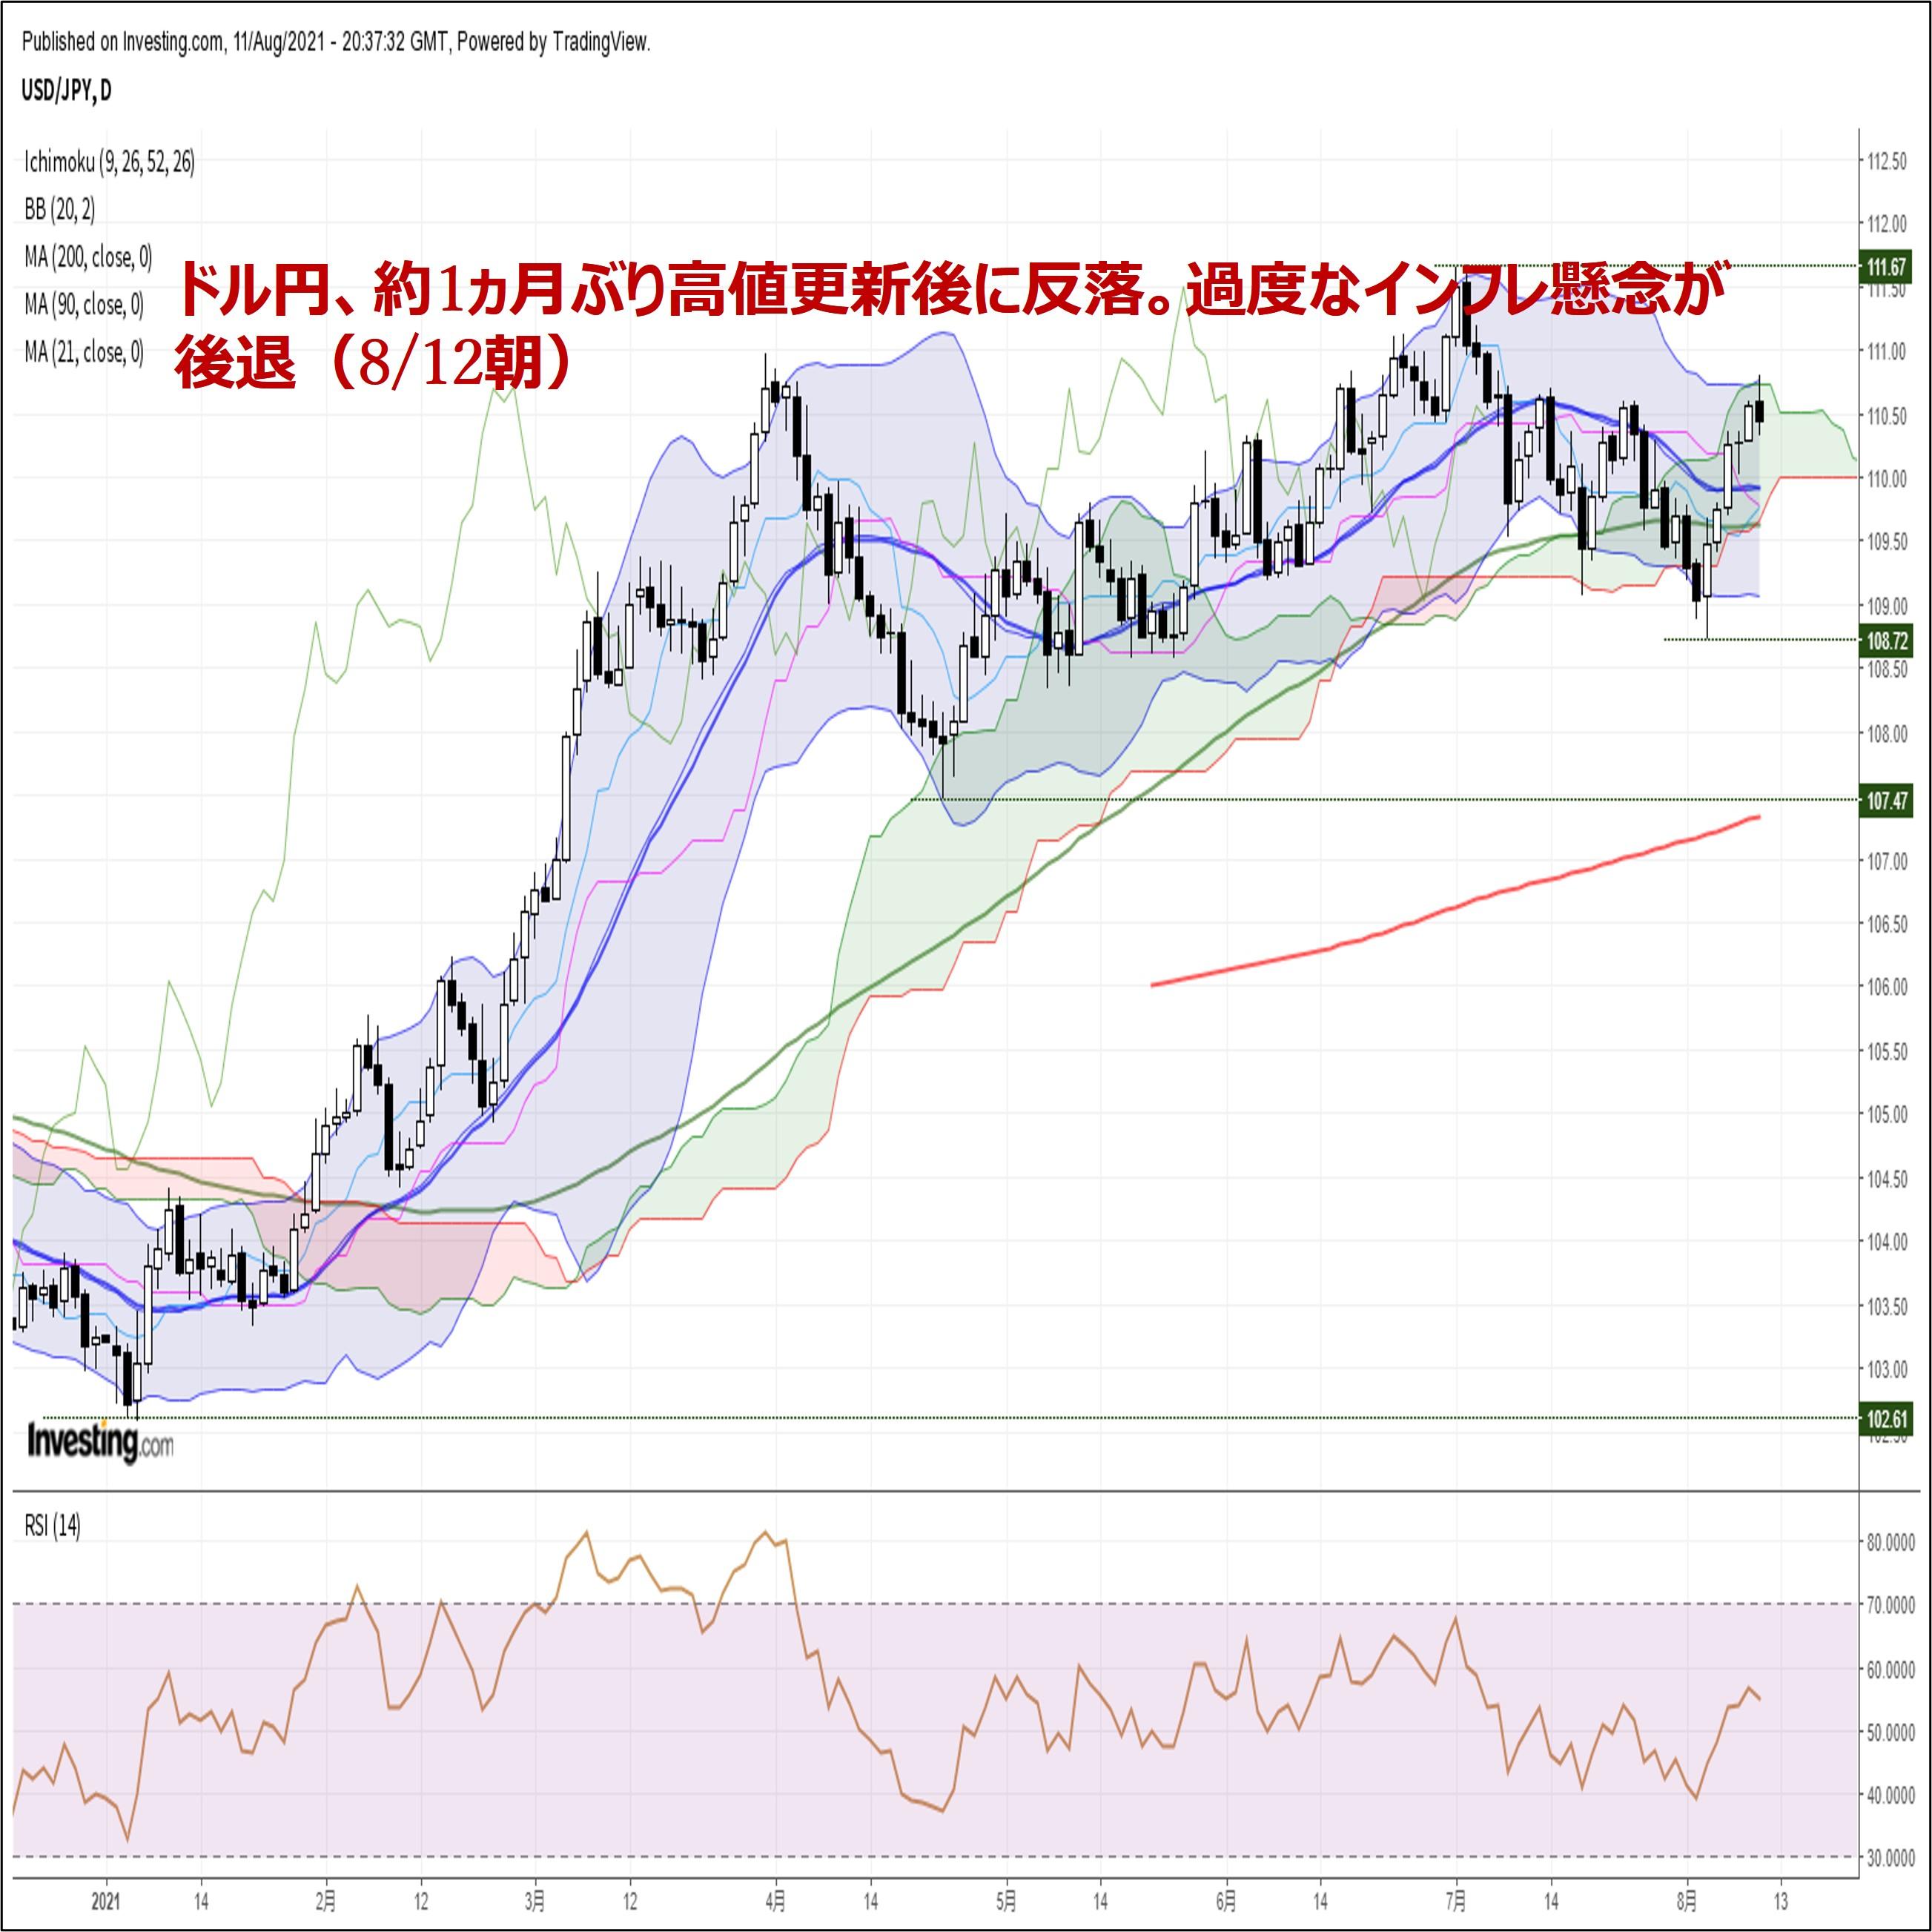 ドル円、約1ヵ月ぶり高値更新後に反落。過度なインフレ懸念が後退(8/12朝)